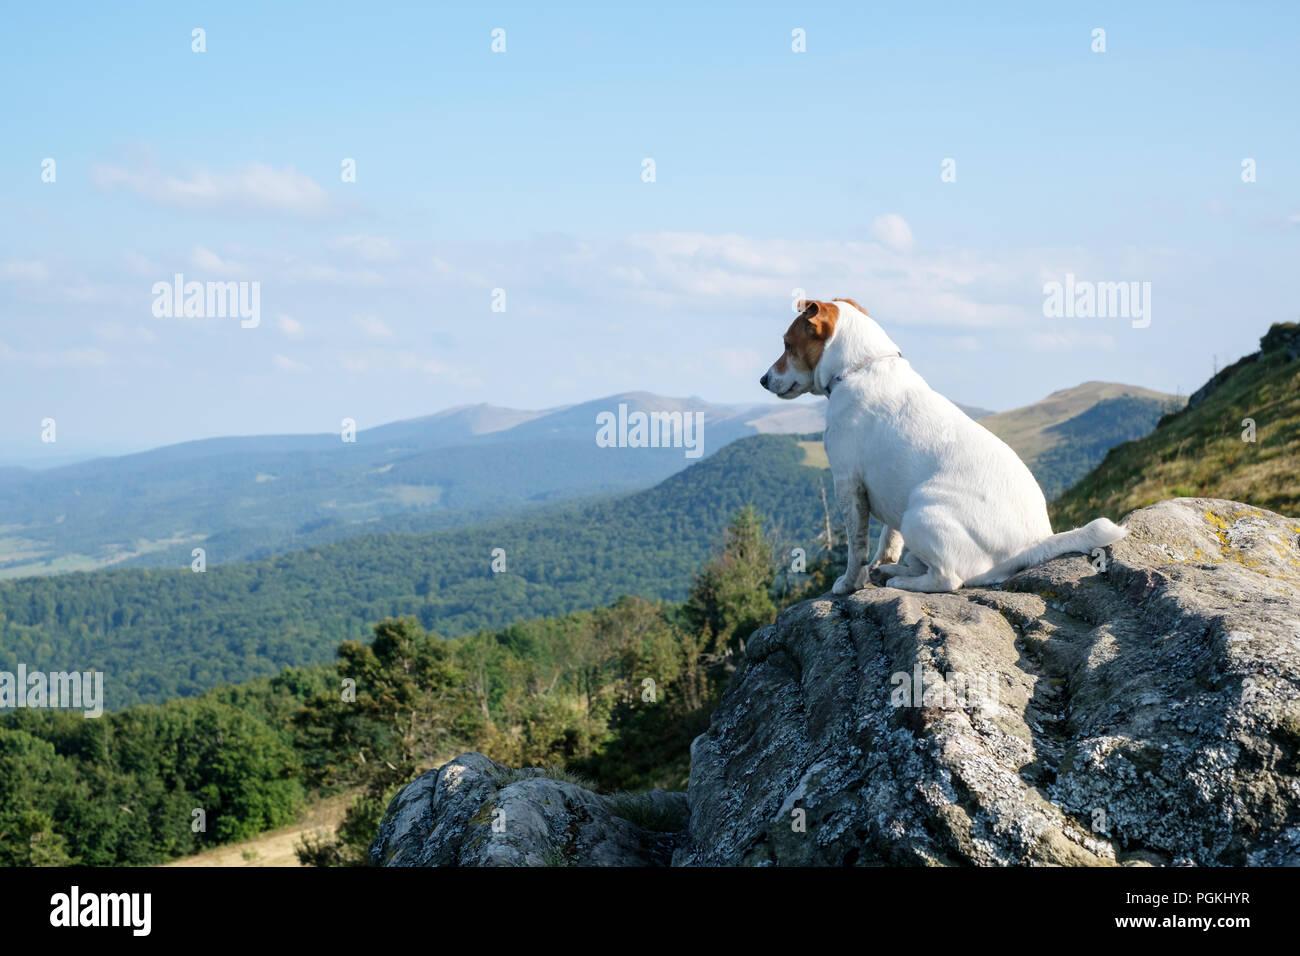 Alone white dog sitting on rock - Stock Image